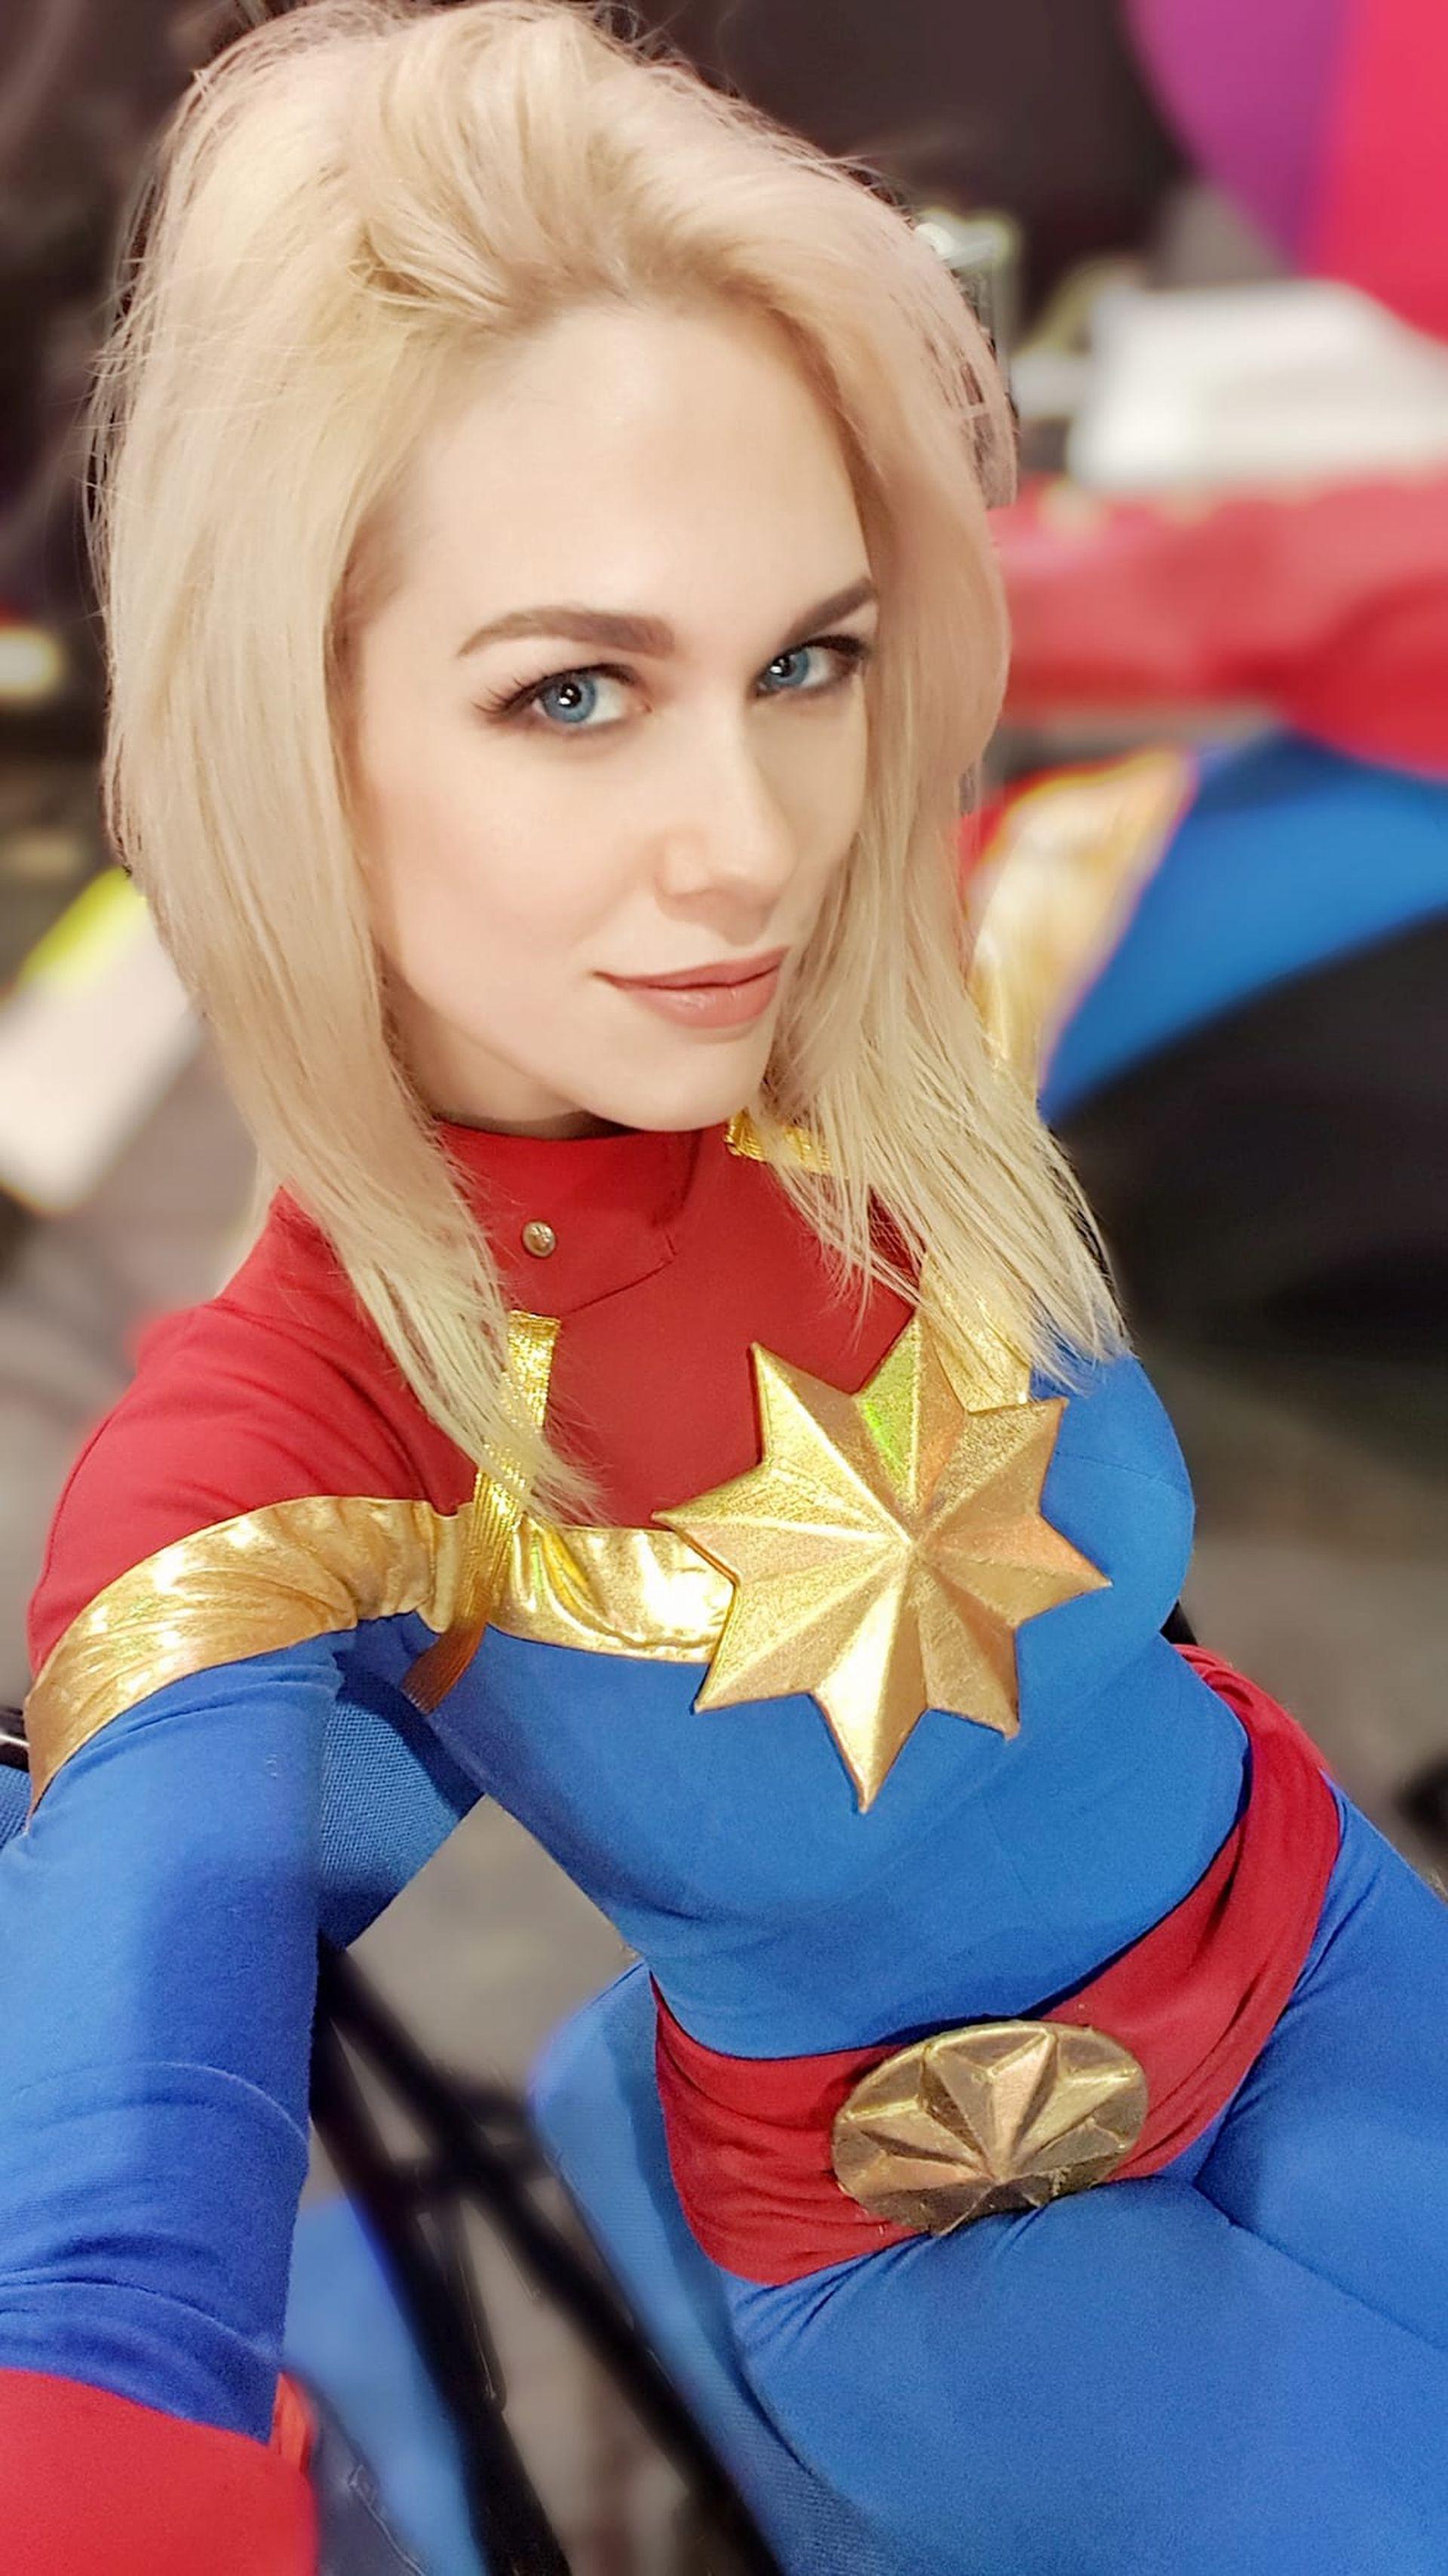 """""""Gracias al Cosplay pude viajar por todo el mundo. Soy fan de Wonder Woman e hice muchos cosplay de ella"""", dice Lilia"""